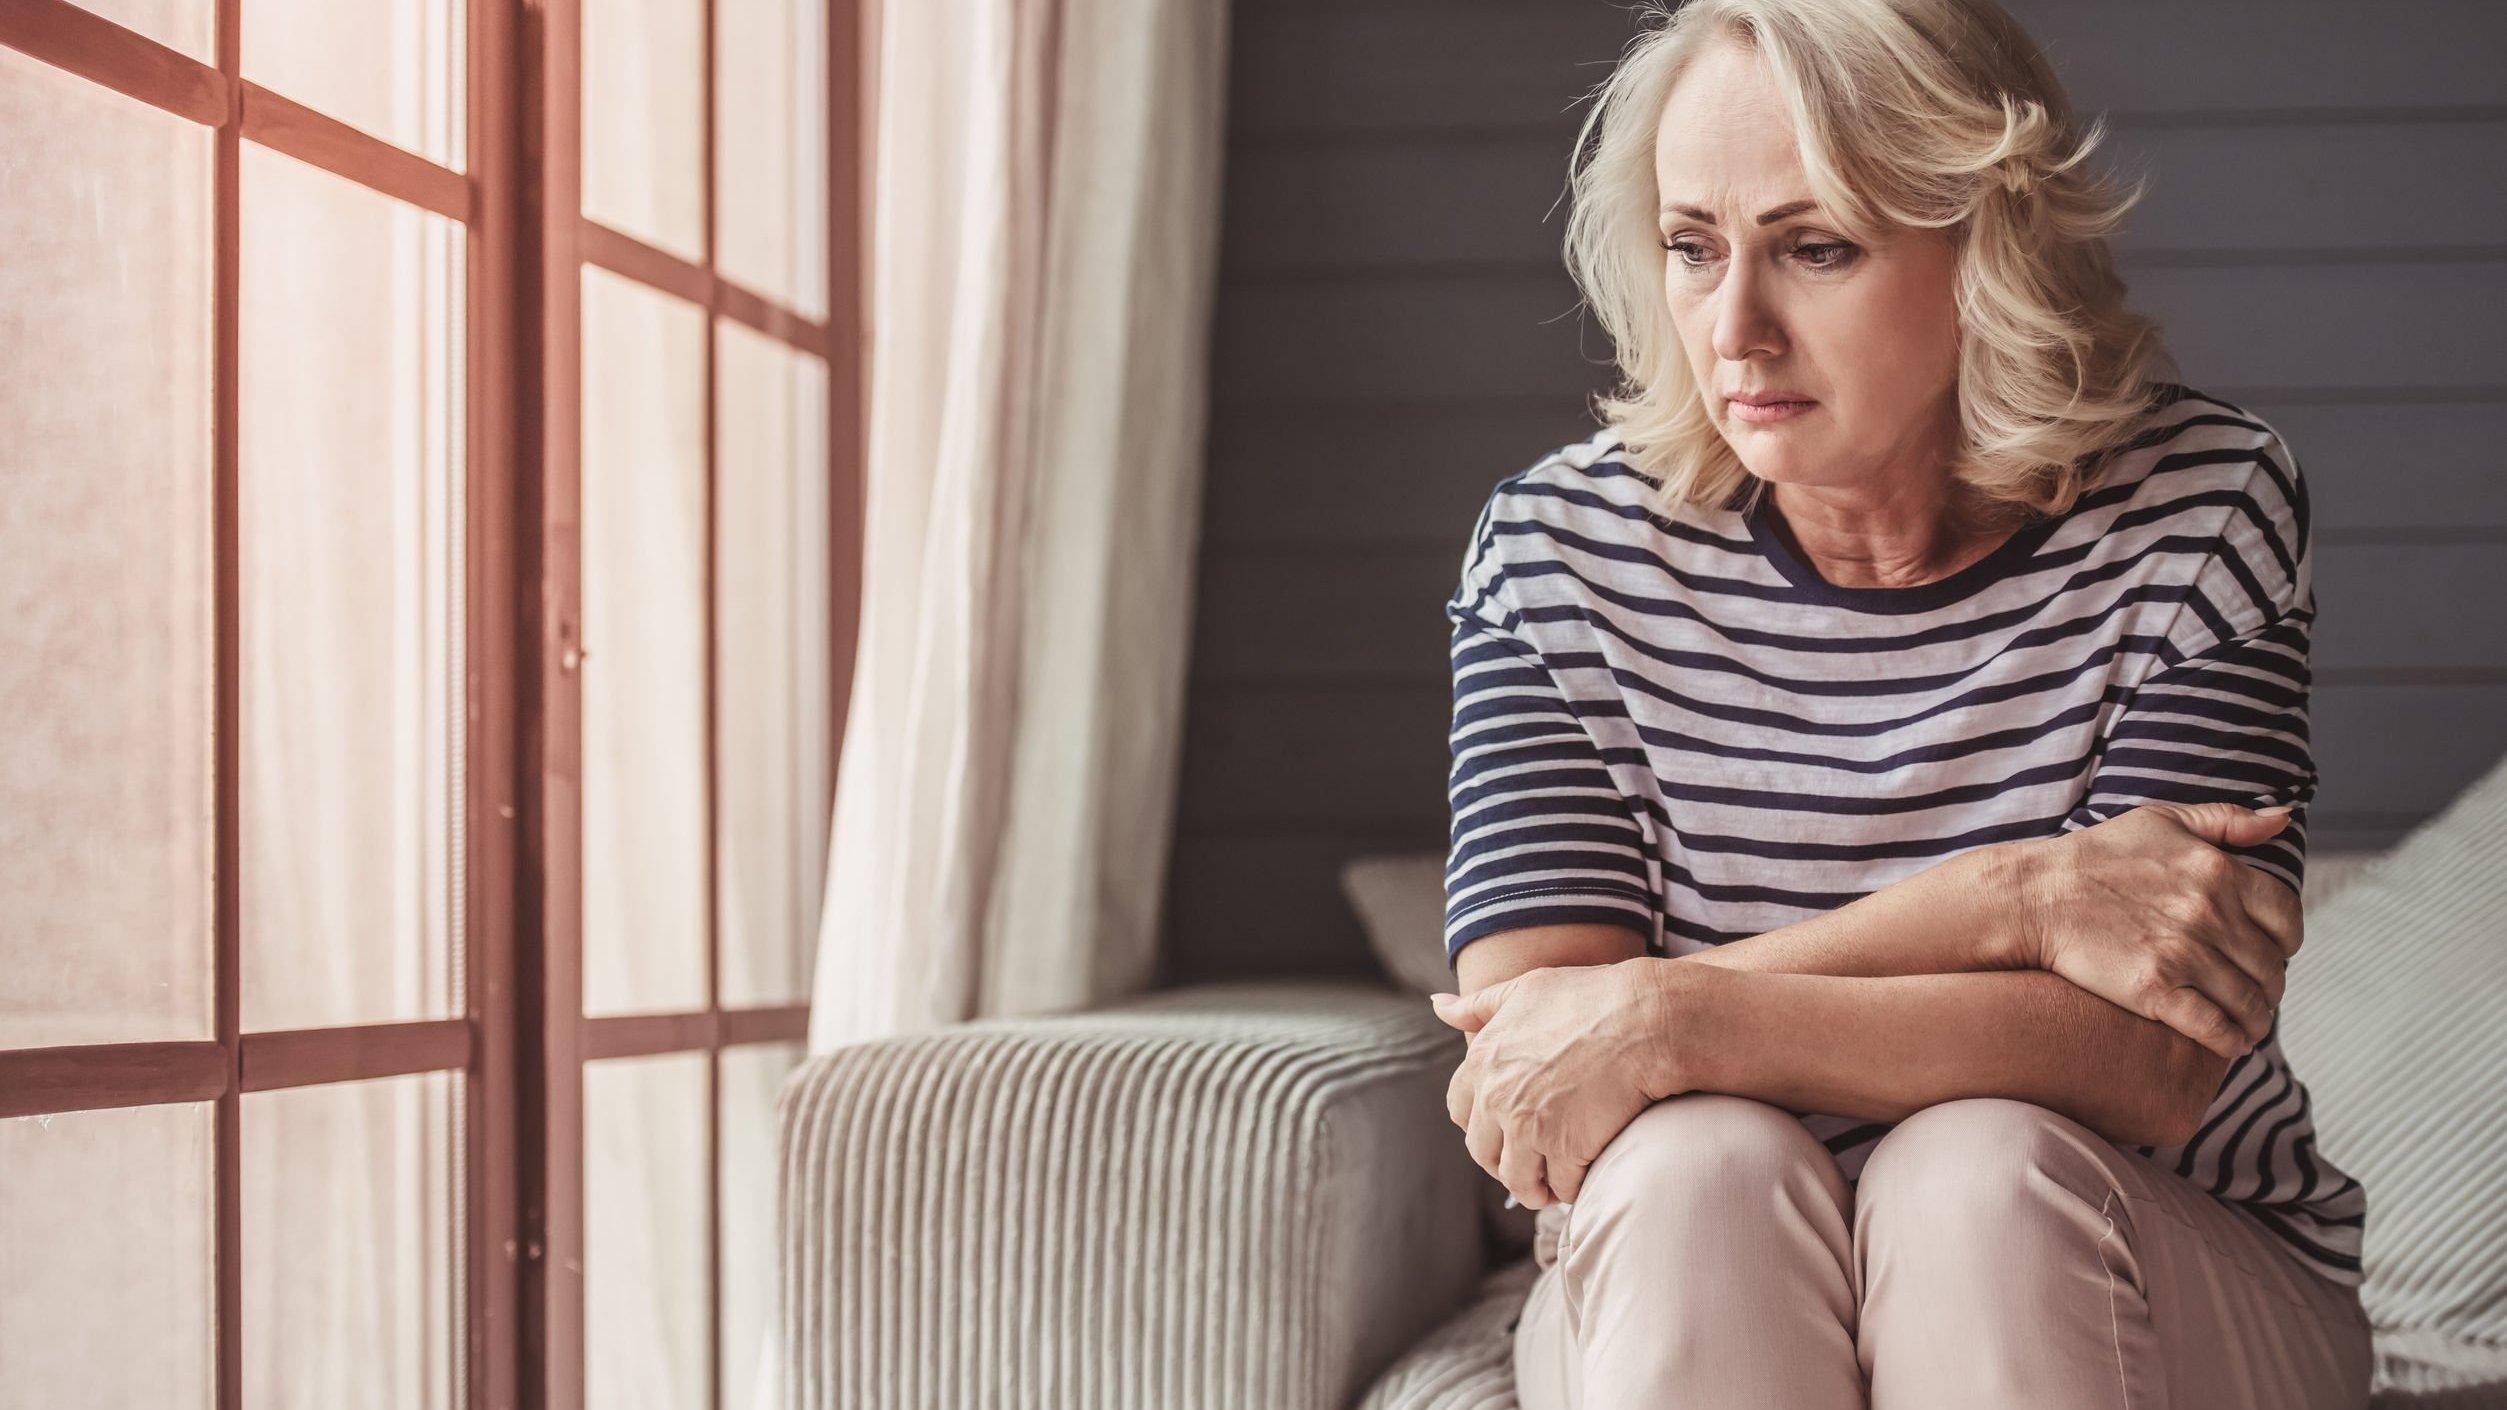 Senhora com o olhar triste sentada em um sofá